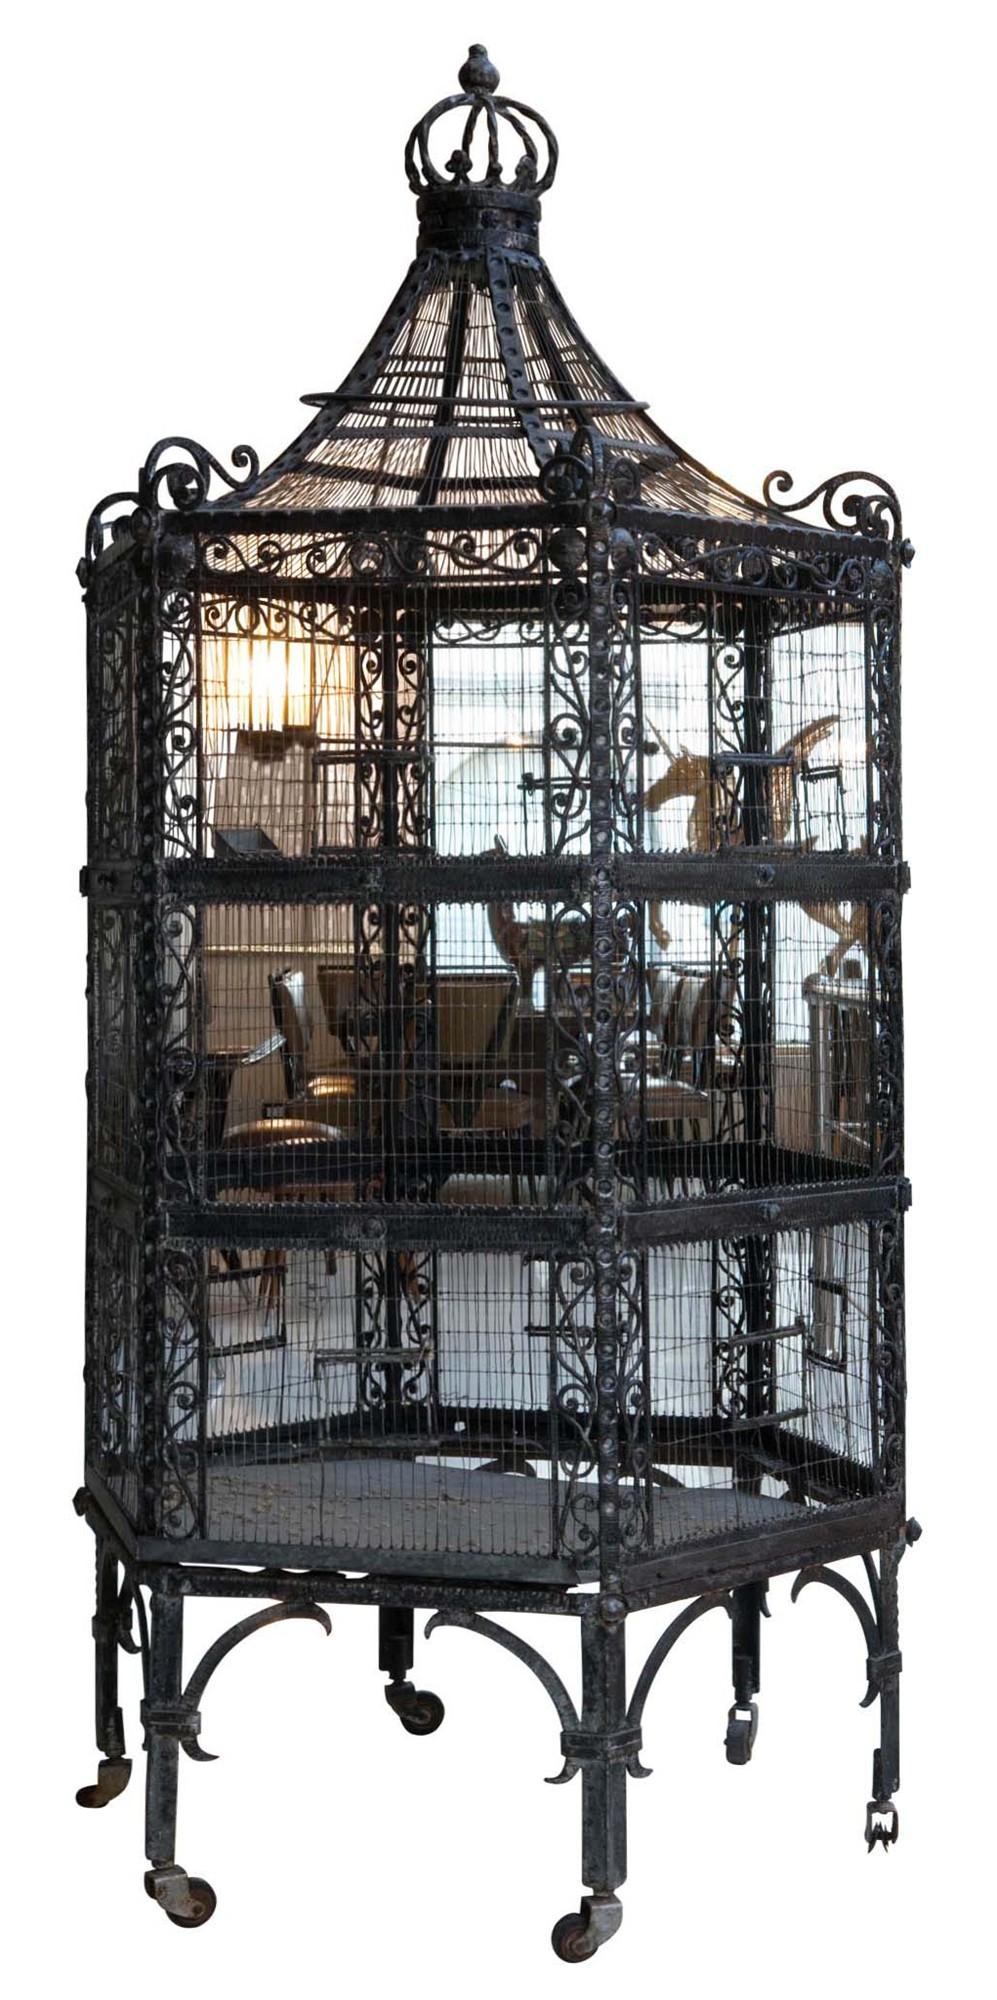 Fabulous Art Nouveau Wrought Iron Birdcage Modernism